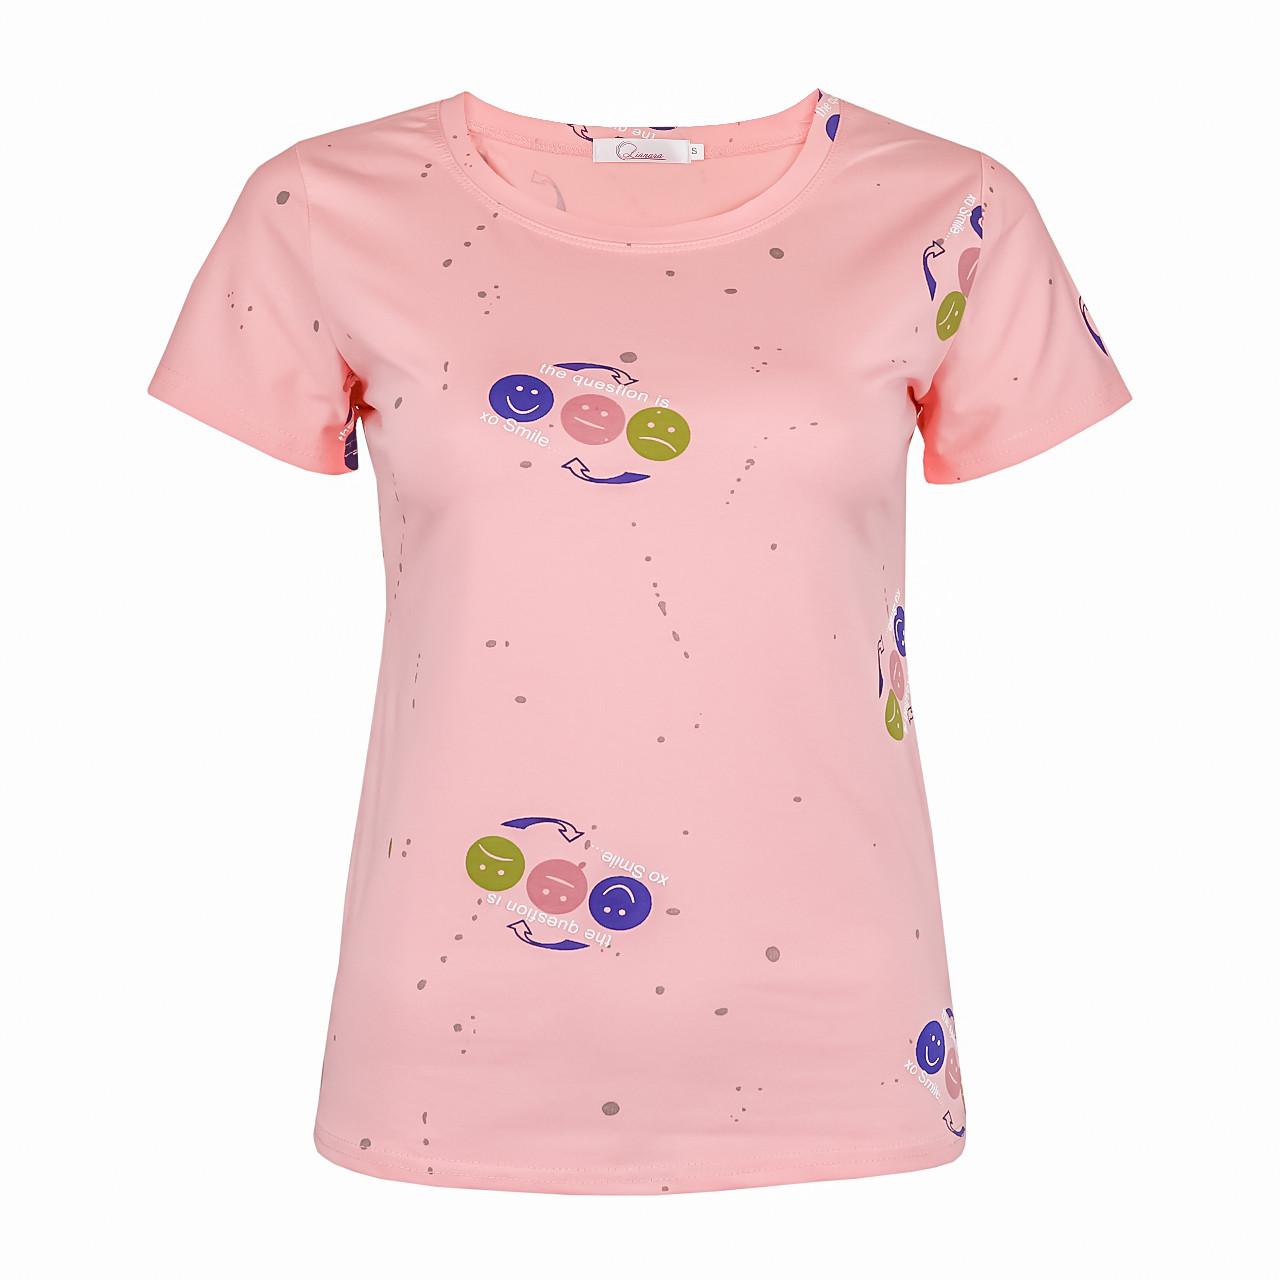 Футболка жіноча однотонна тканина «Смайлики», Рожева